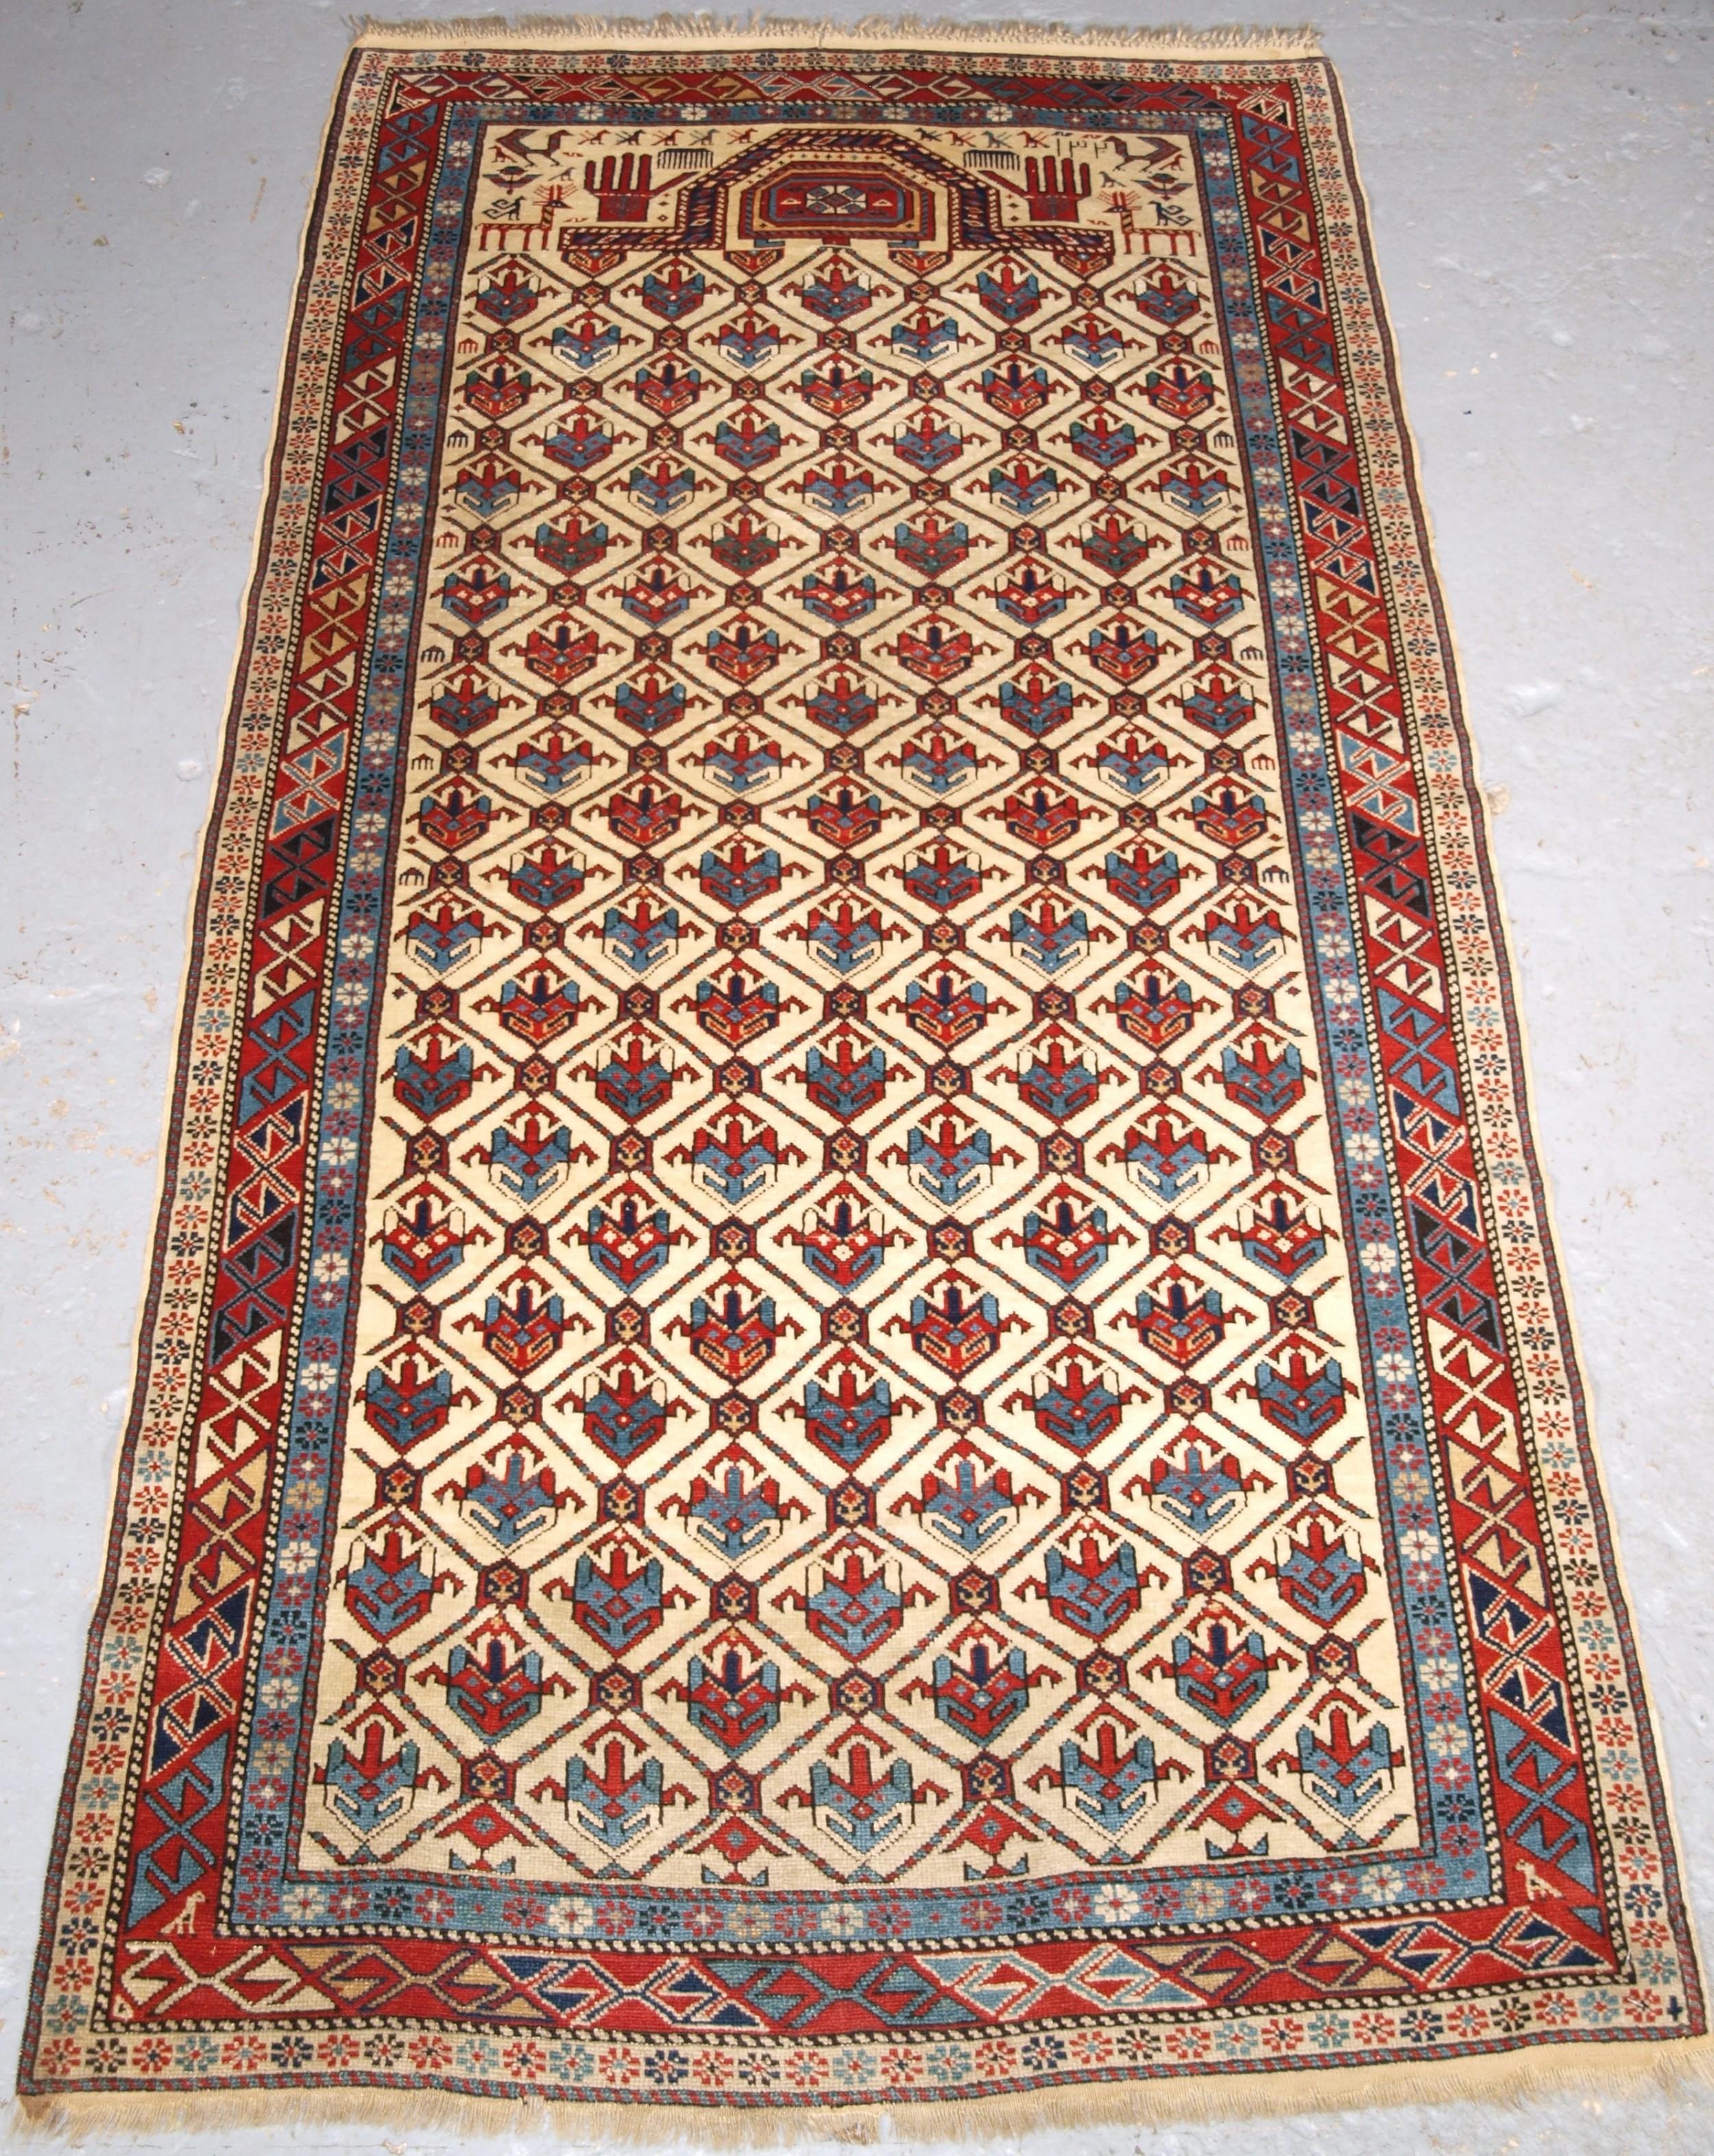 antique caucasian shirvan prayer rug ex zaleski collection dated 1320 1902